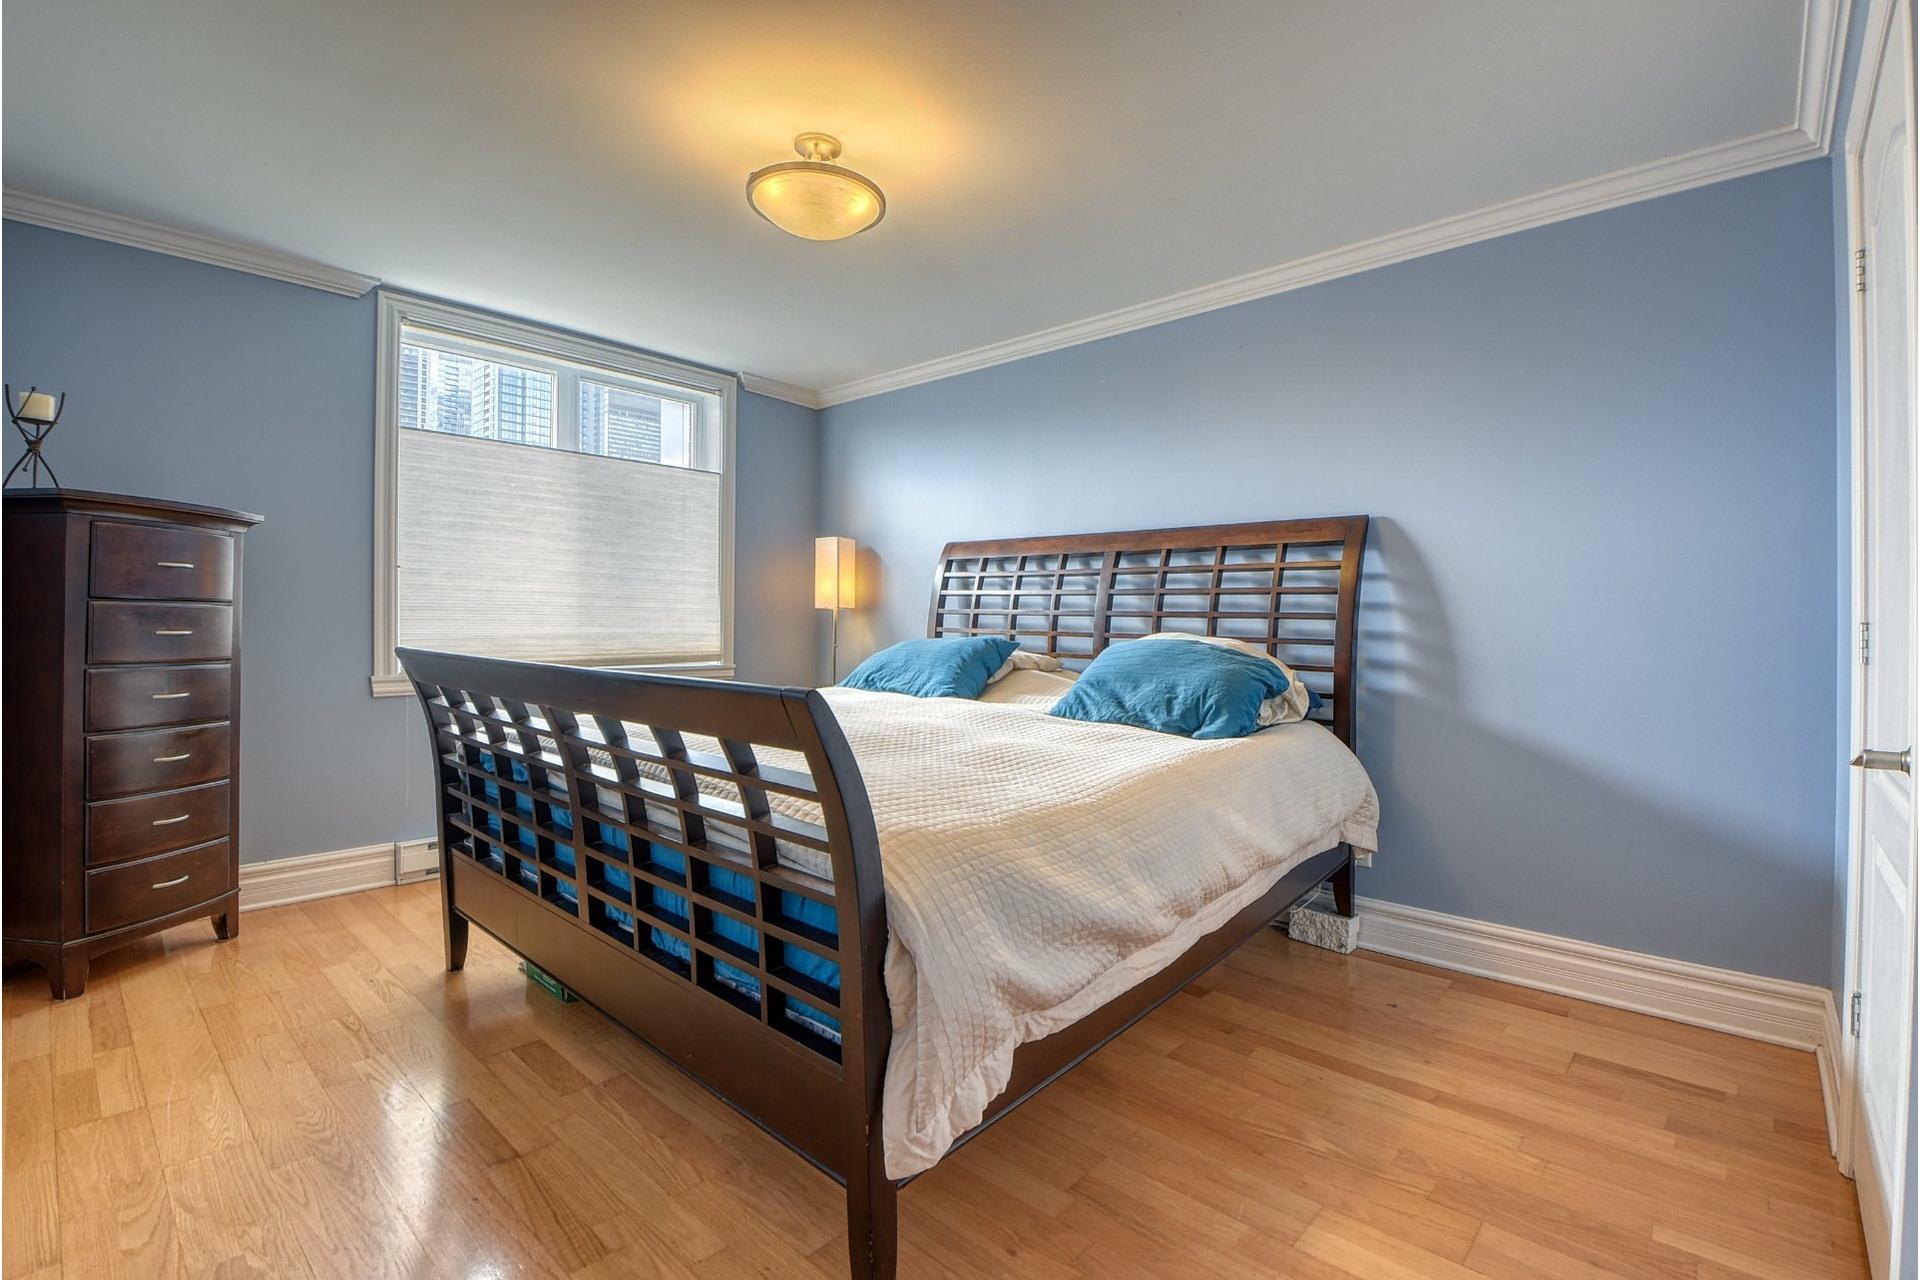 image 8 - Appartement À vendre Ville-Marie Montréal  - 6 pièces